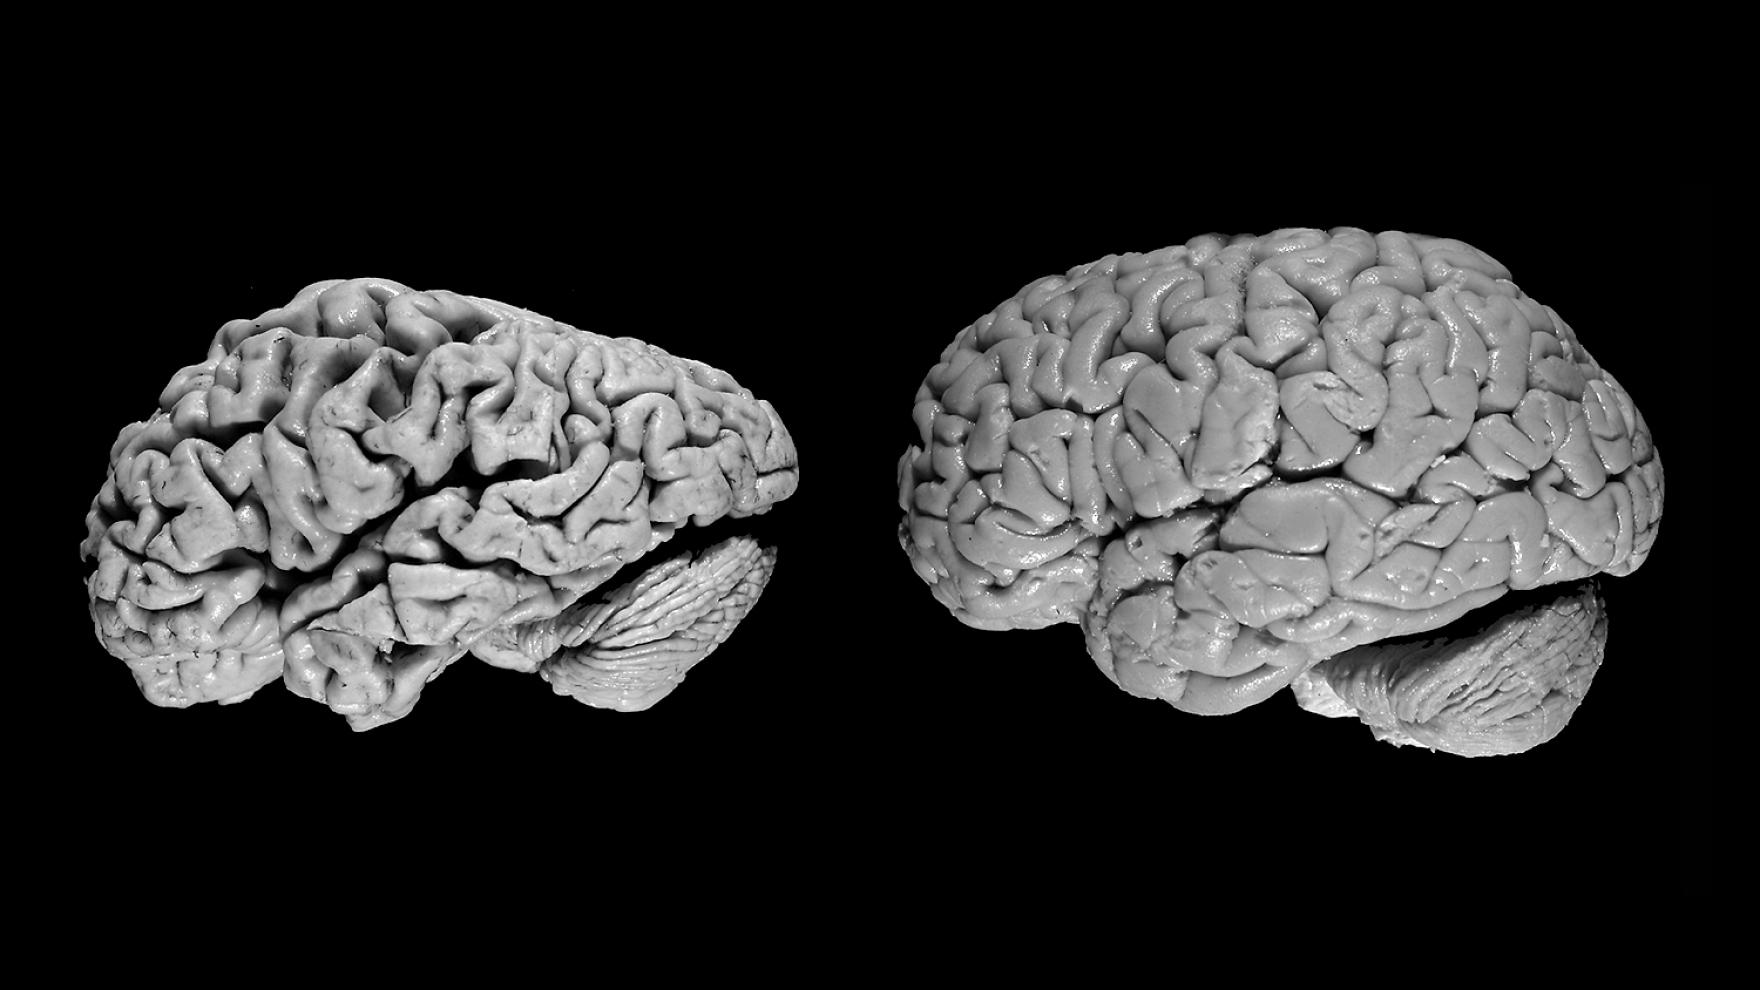 AD_brain_versus_normal.jpg&f=1&nofb=1